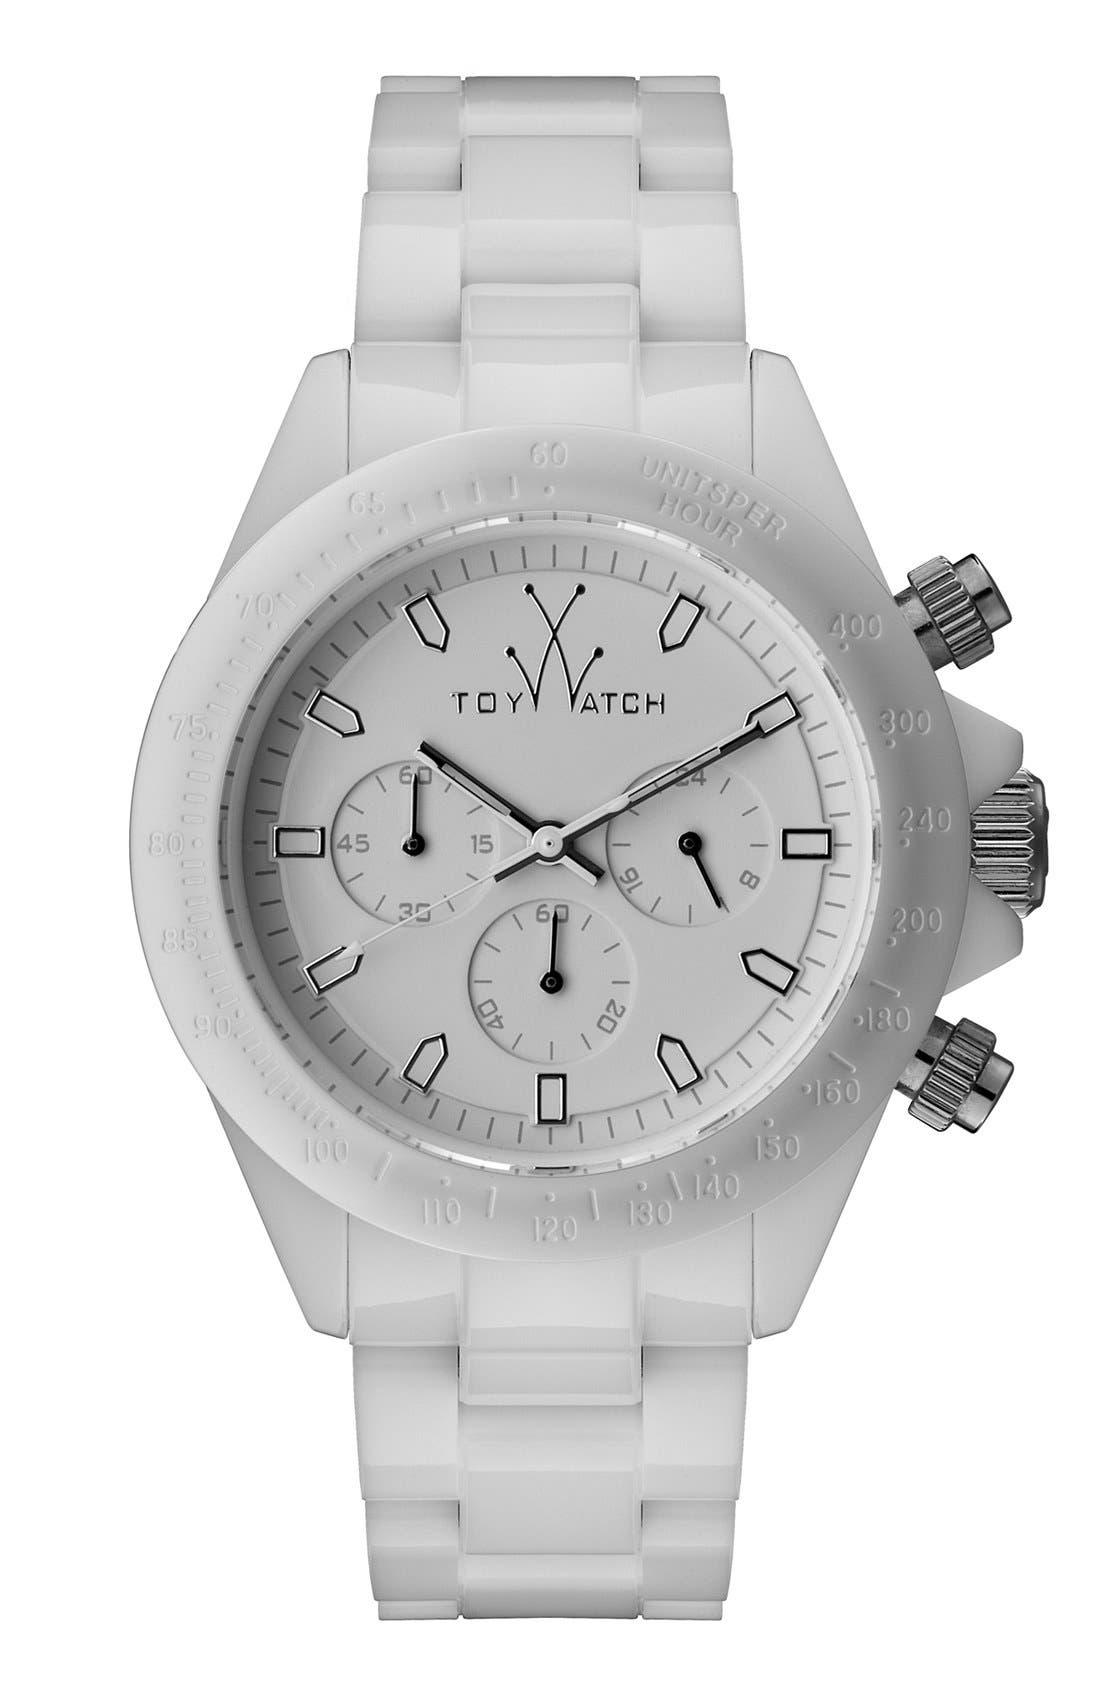 Main Image - TOYWATCH 'Monochrome Chrono' Bracelet Watch, 41mm